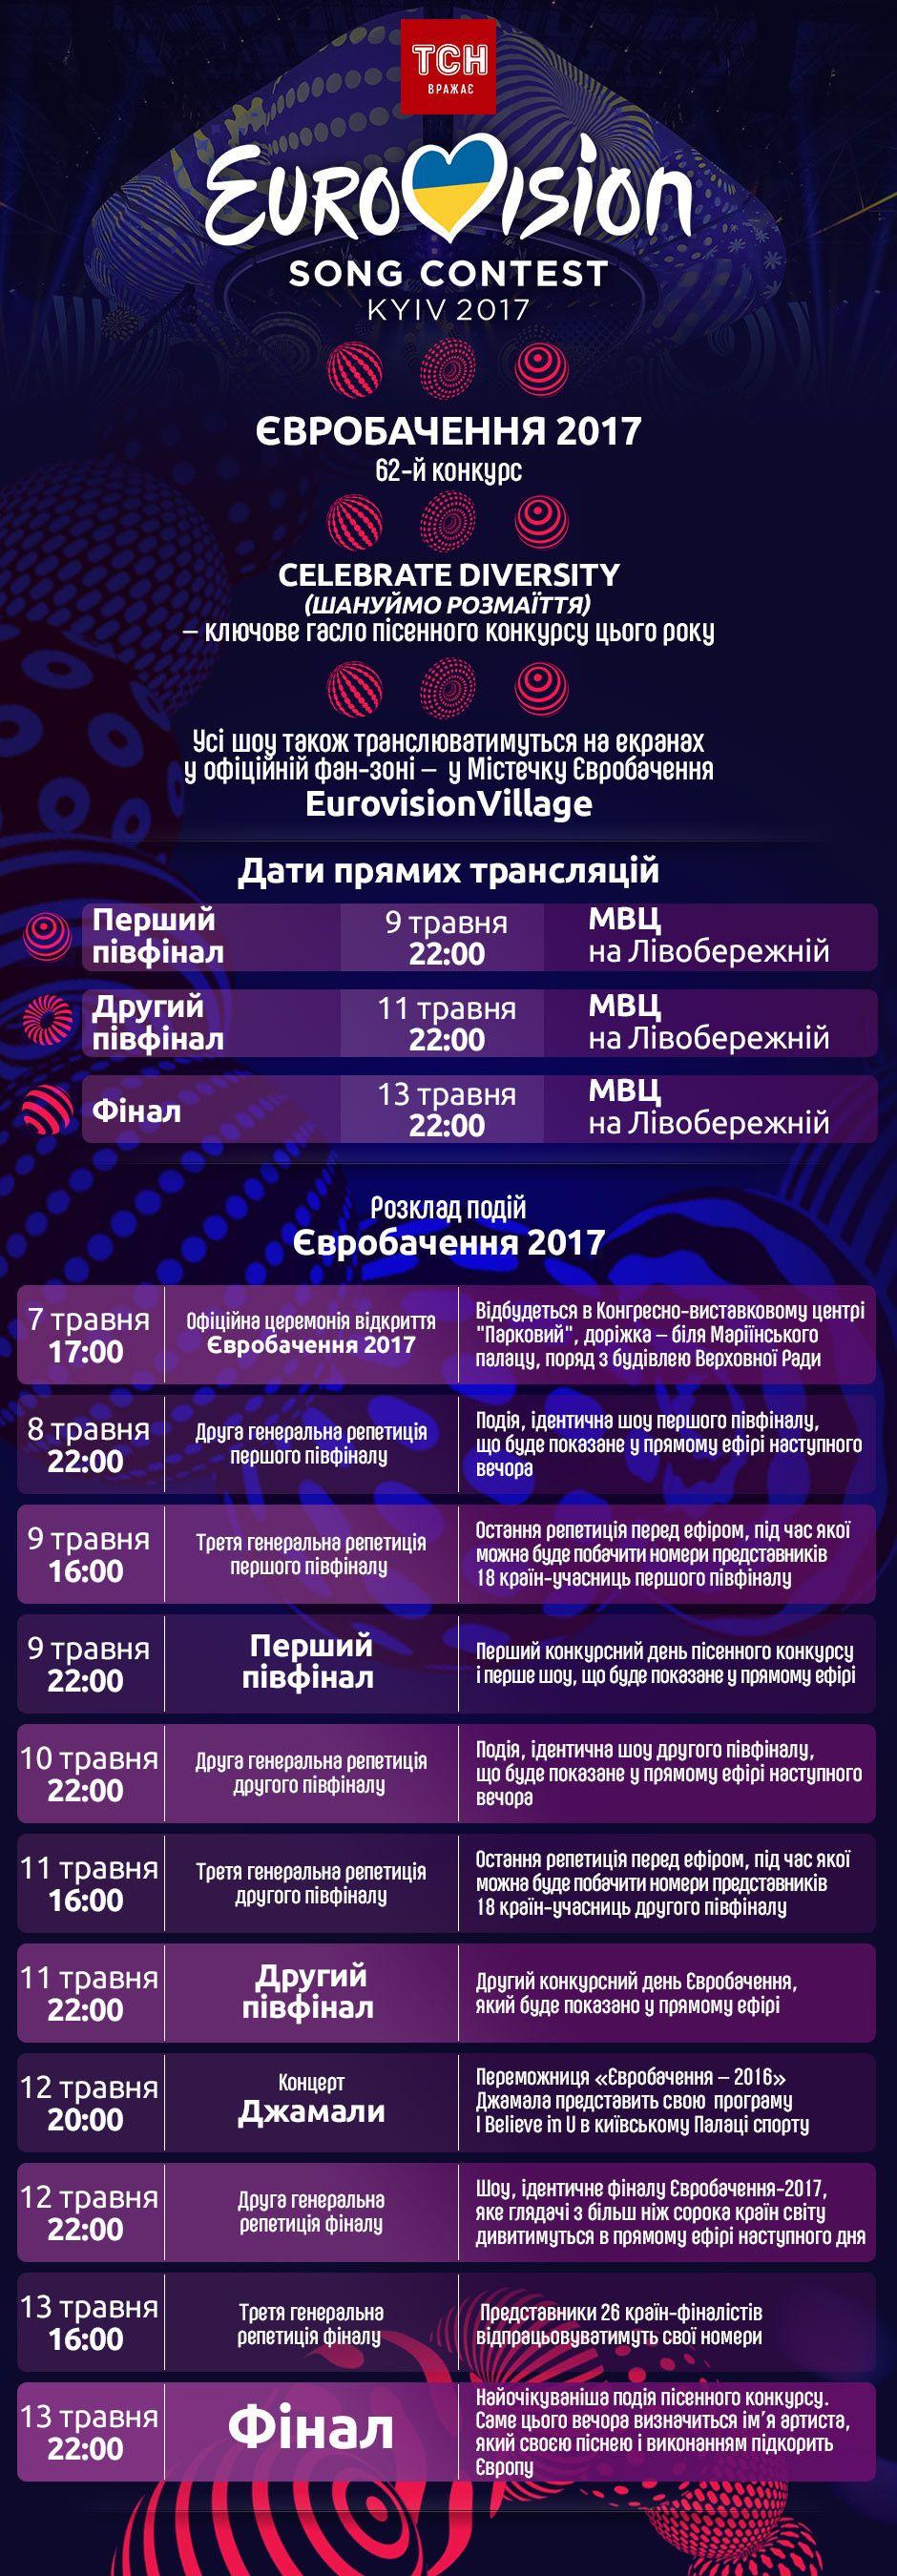 Євробачення інфографіка календар подій